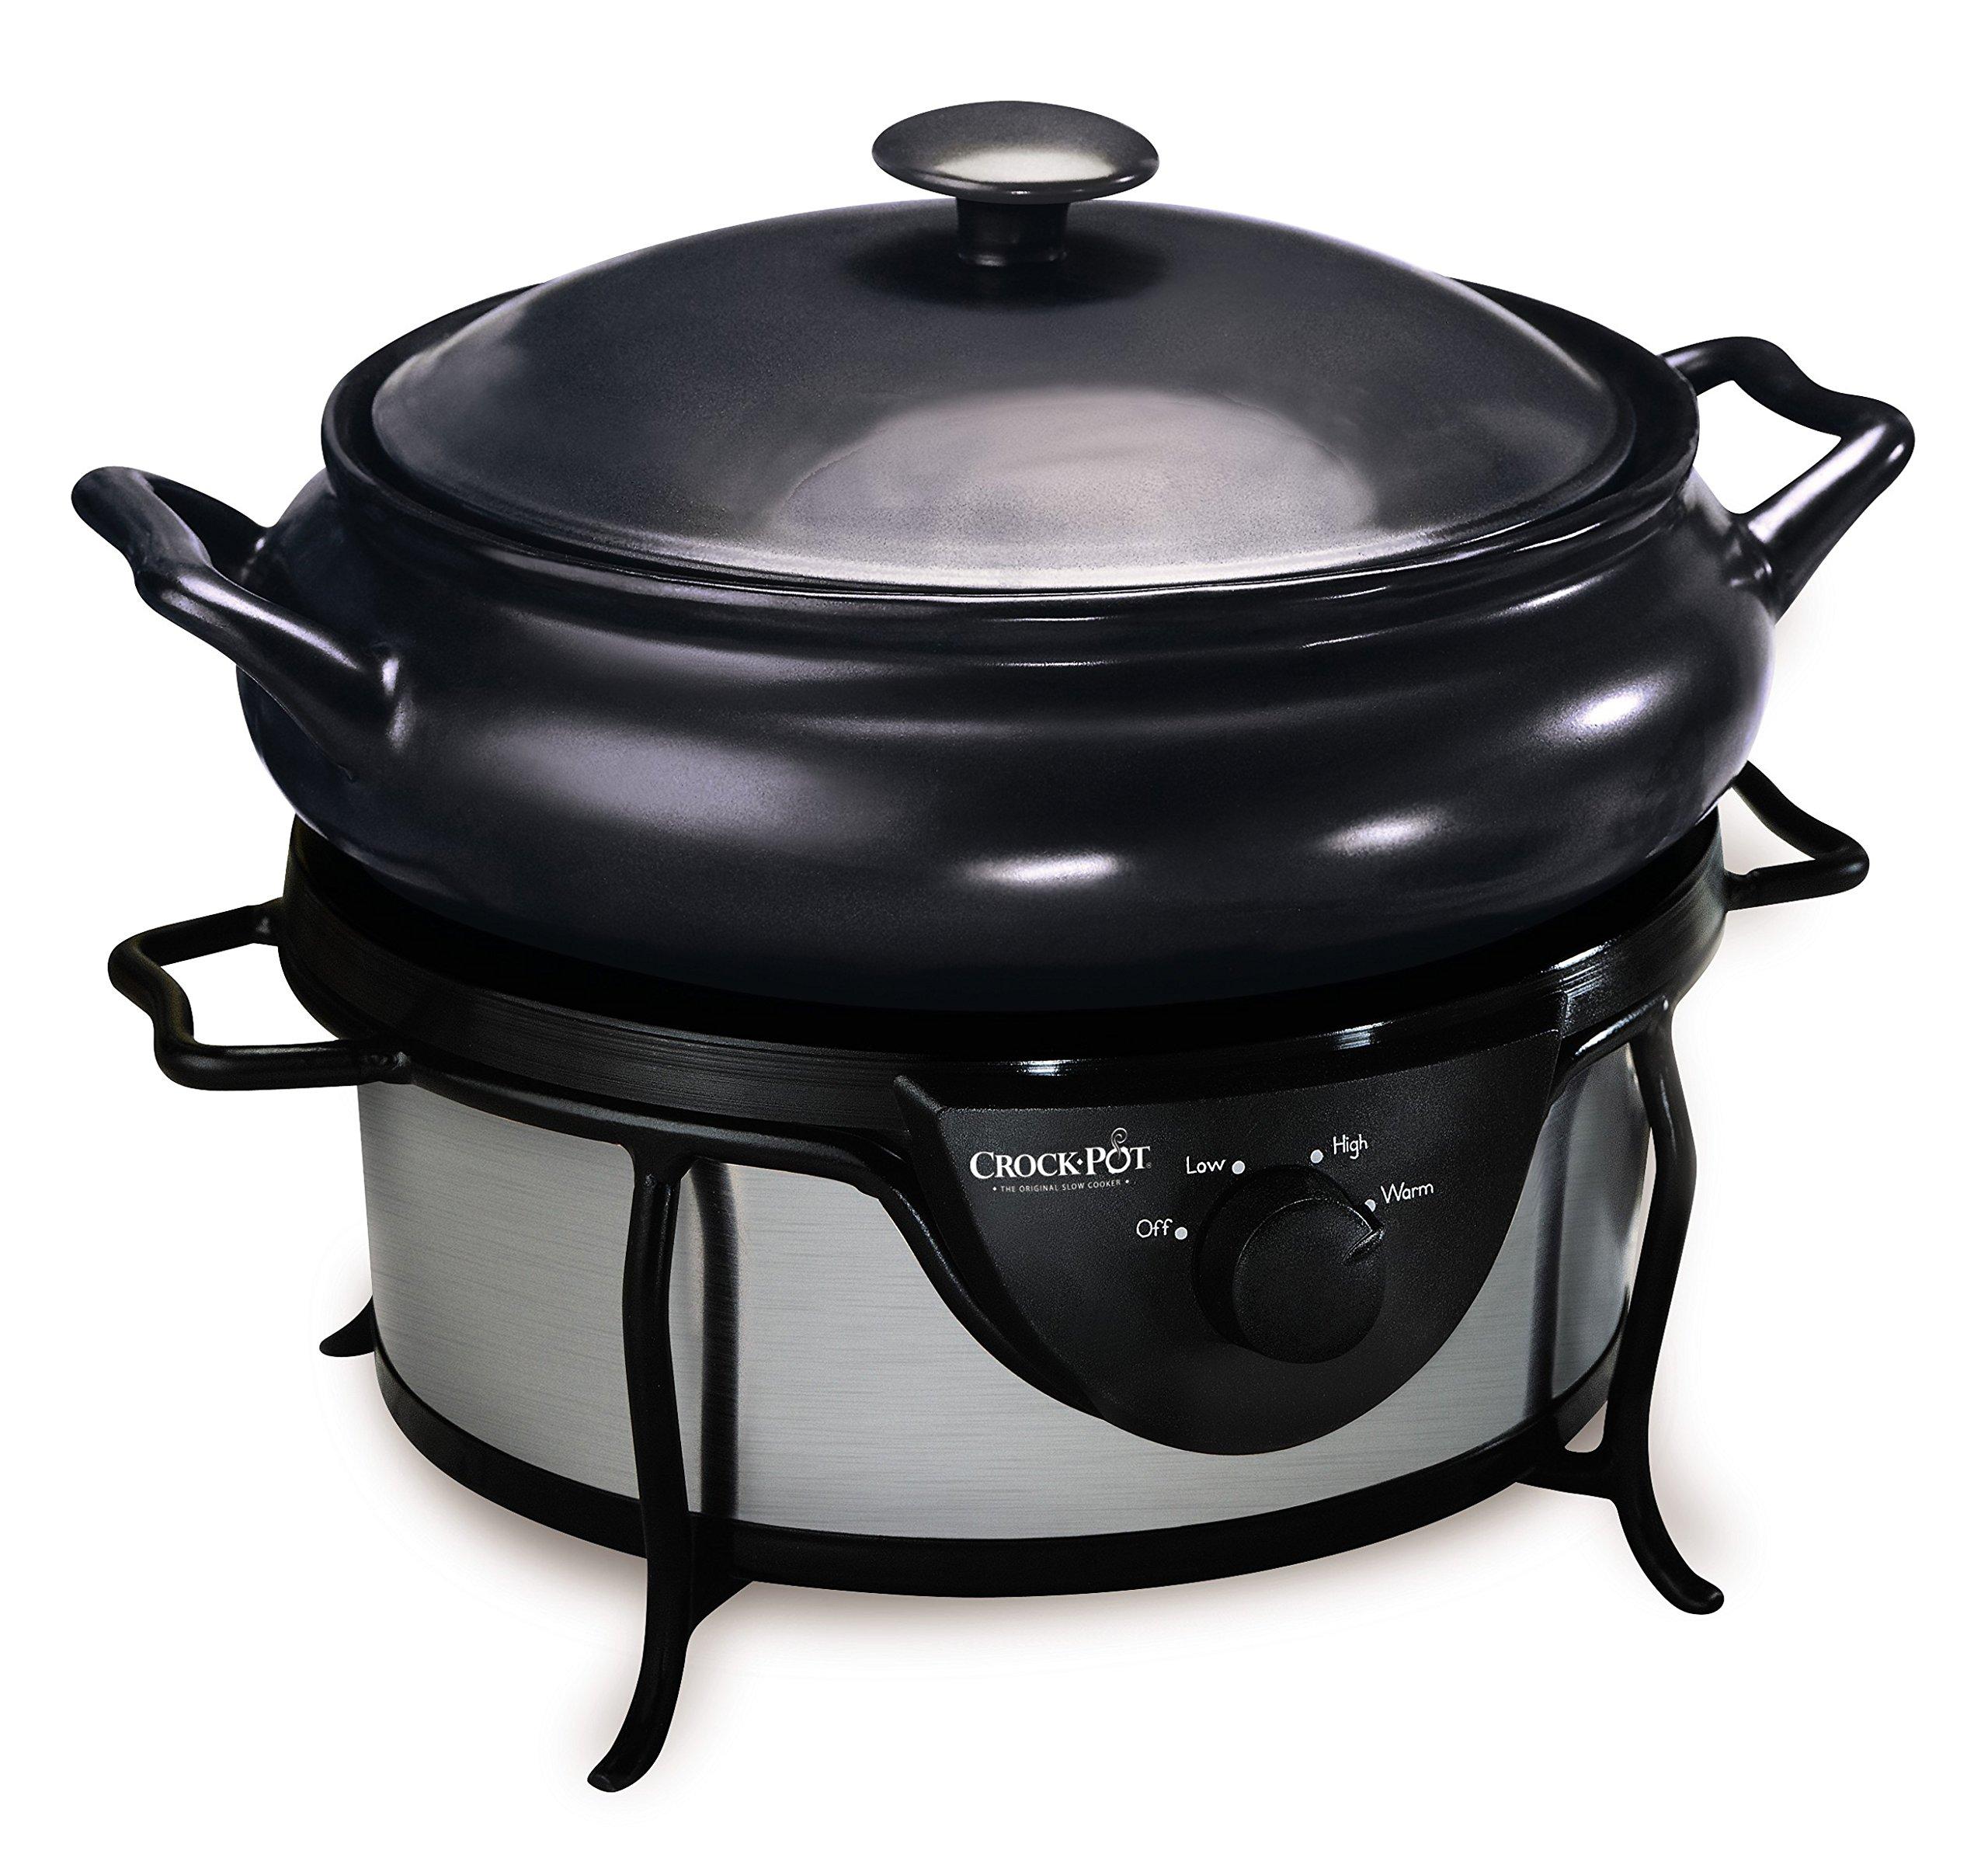 Crock-Pot - Olla eléctrica de cocción lenta, capacidad de 4,7 l